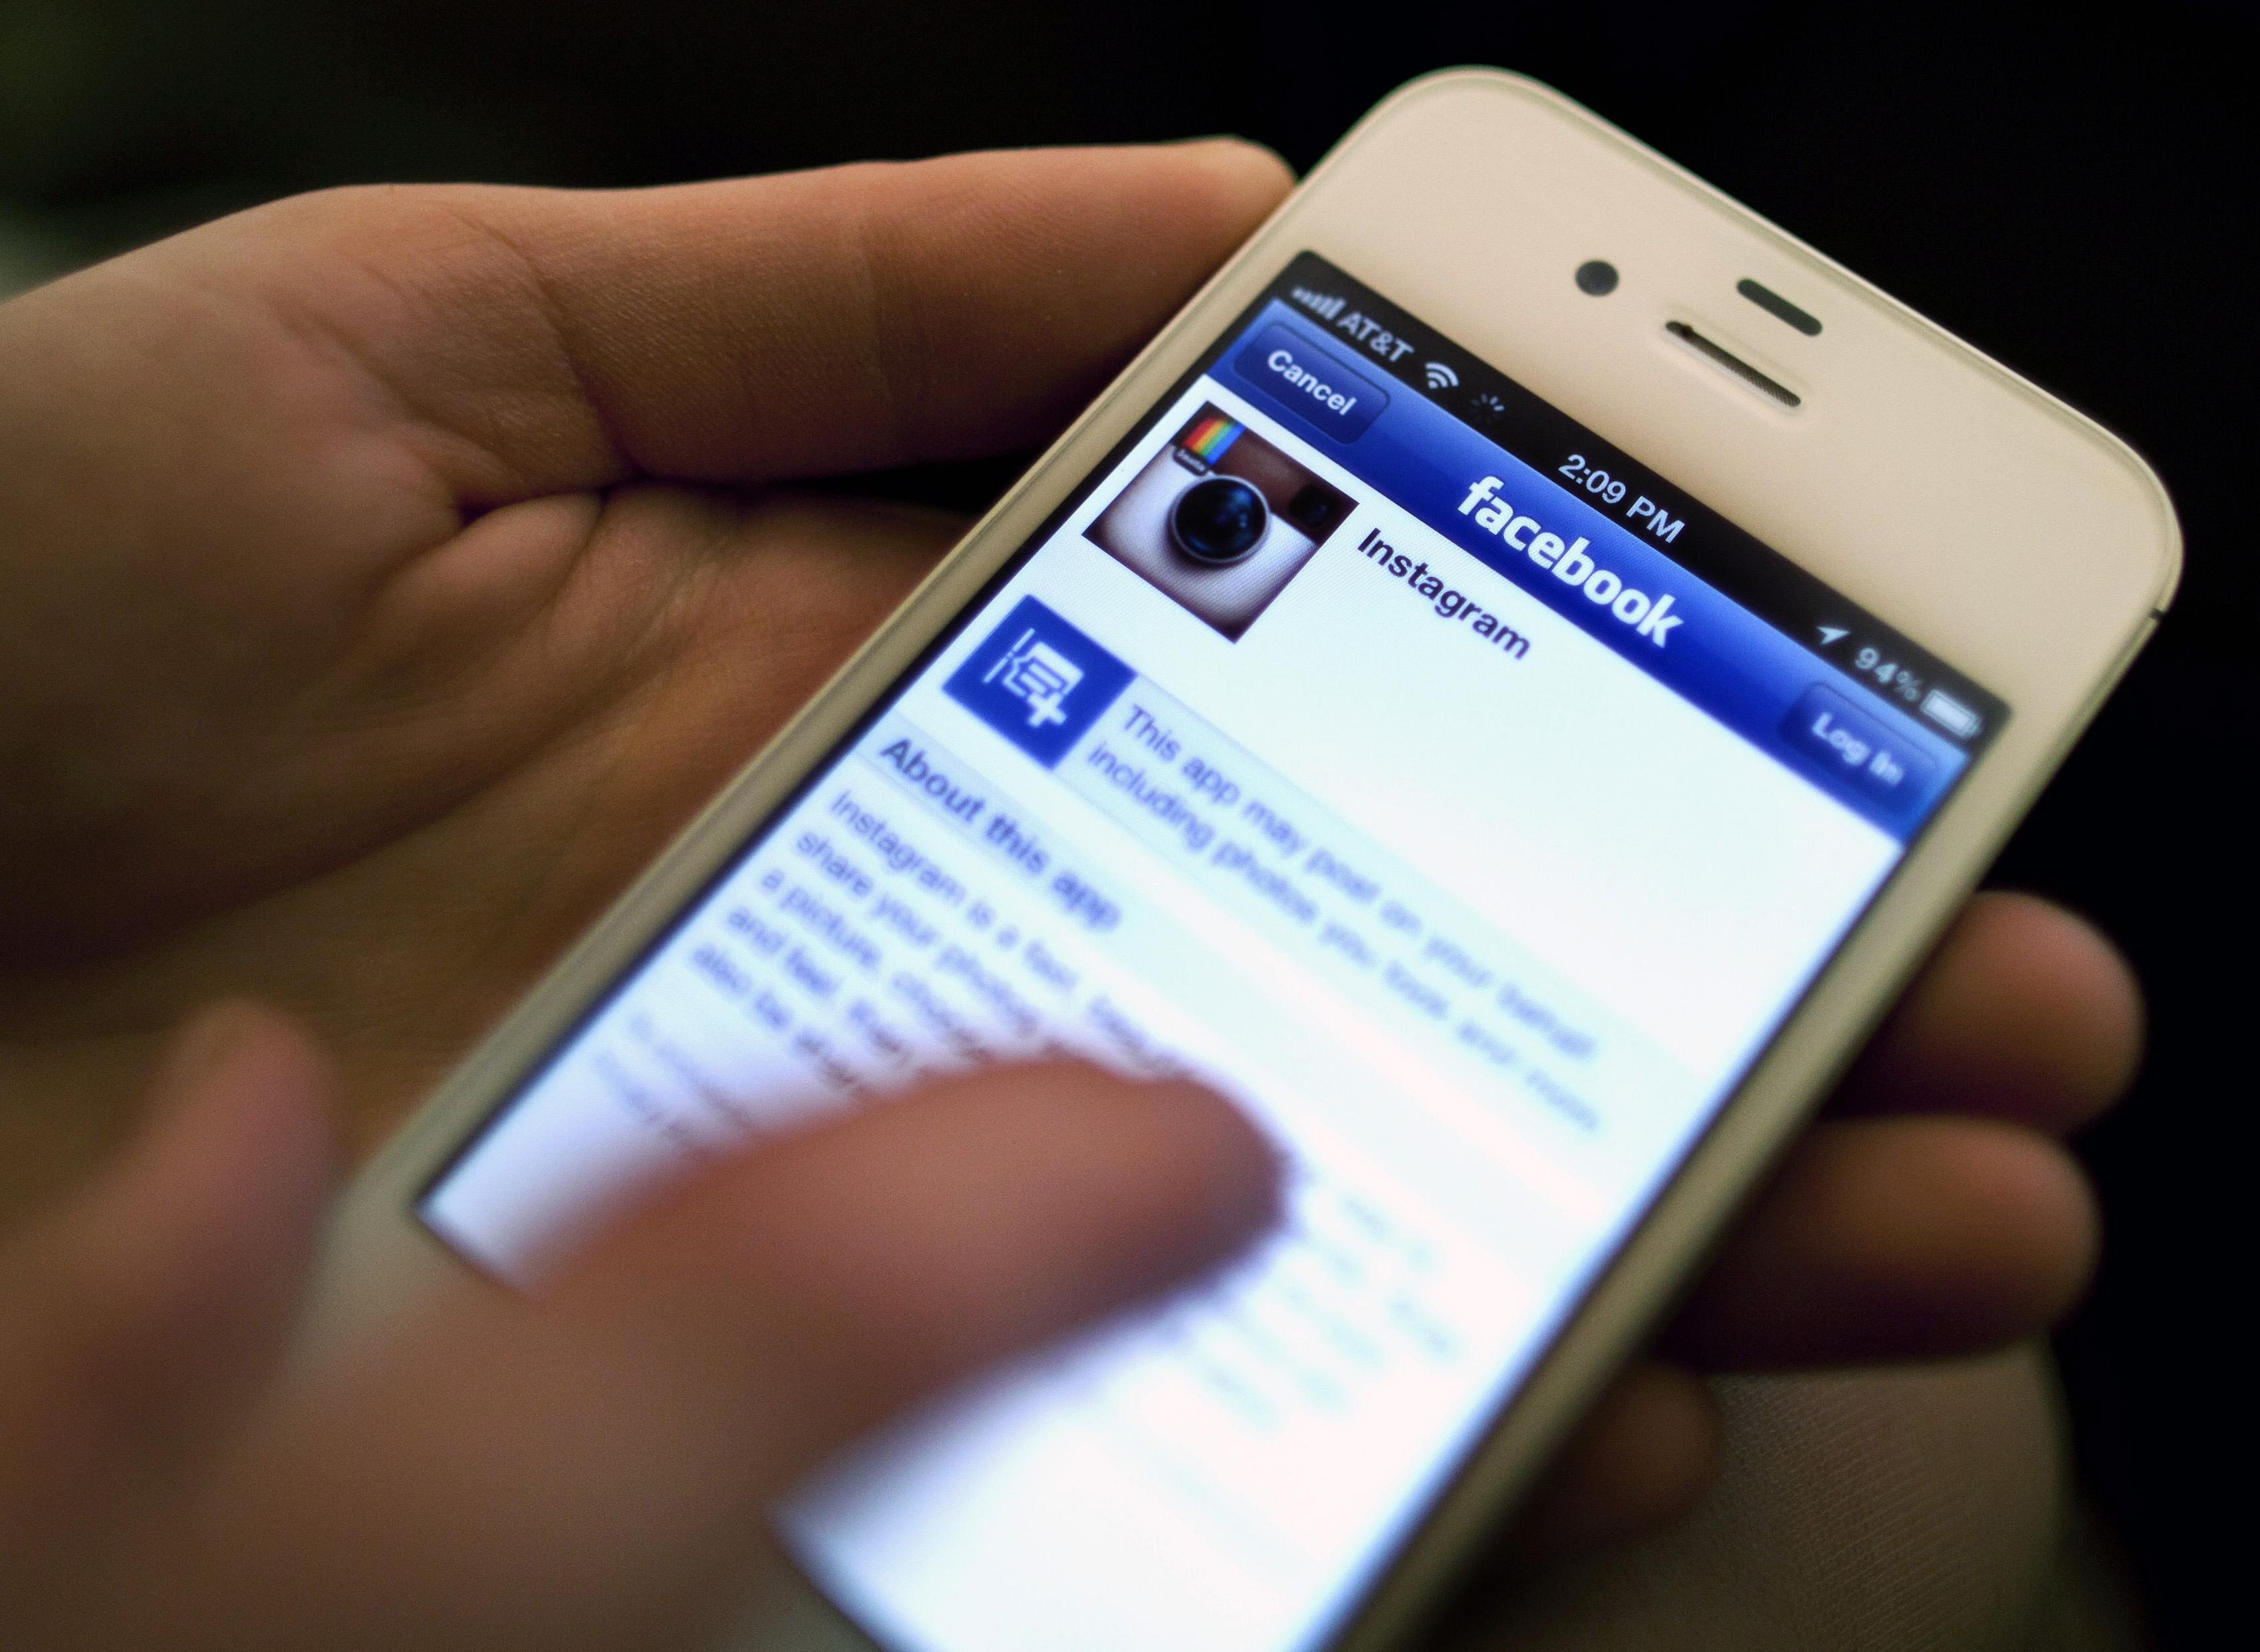 Facebook startet Kamera-App für iPhone